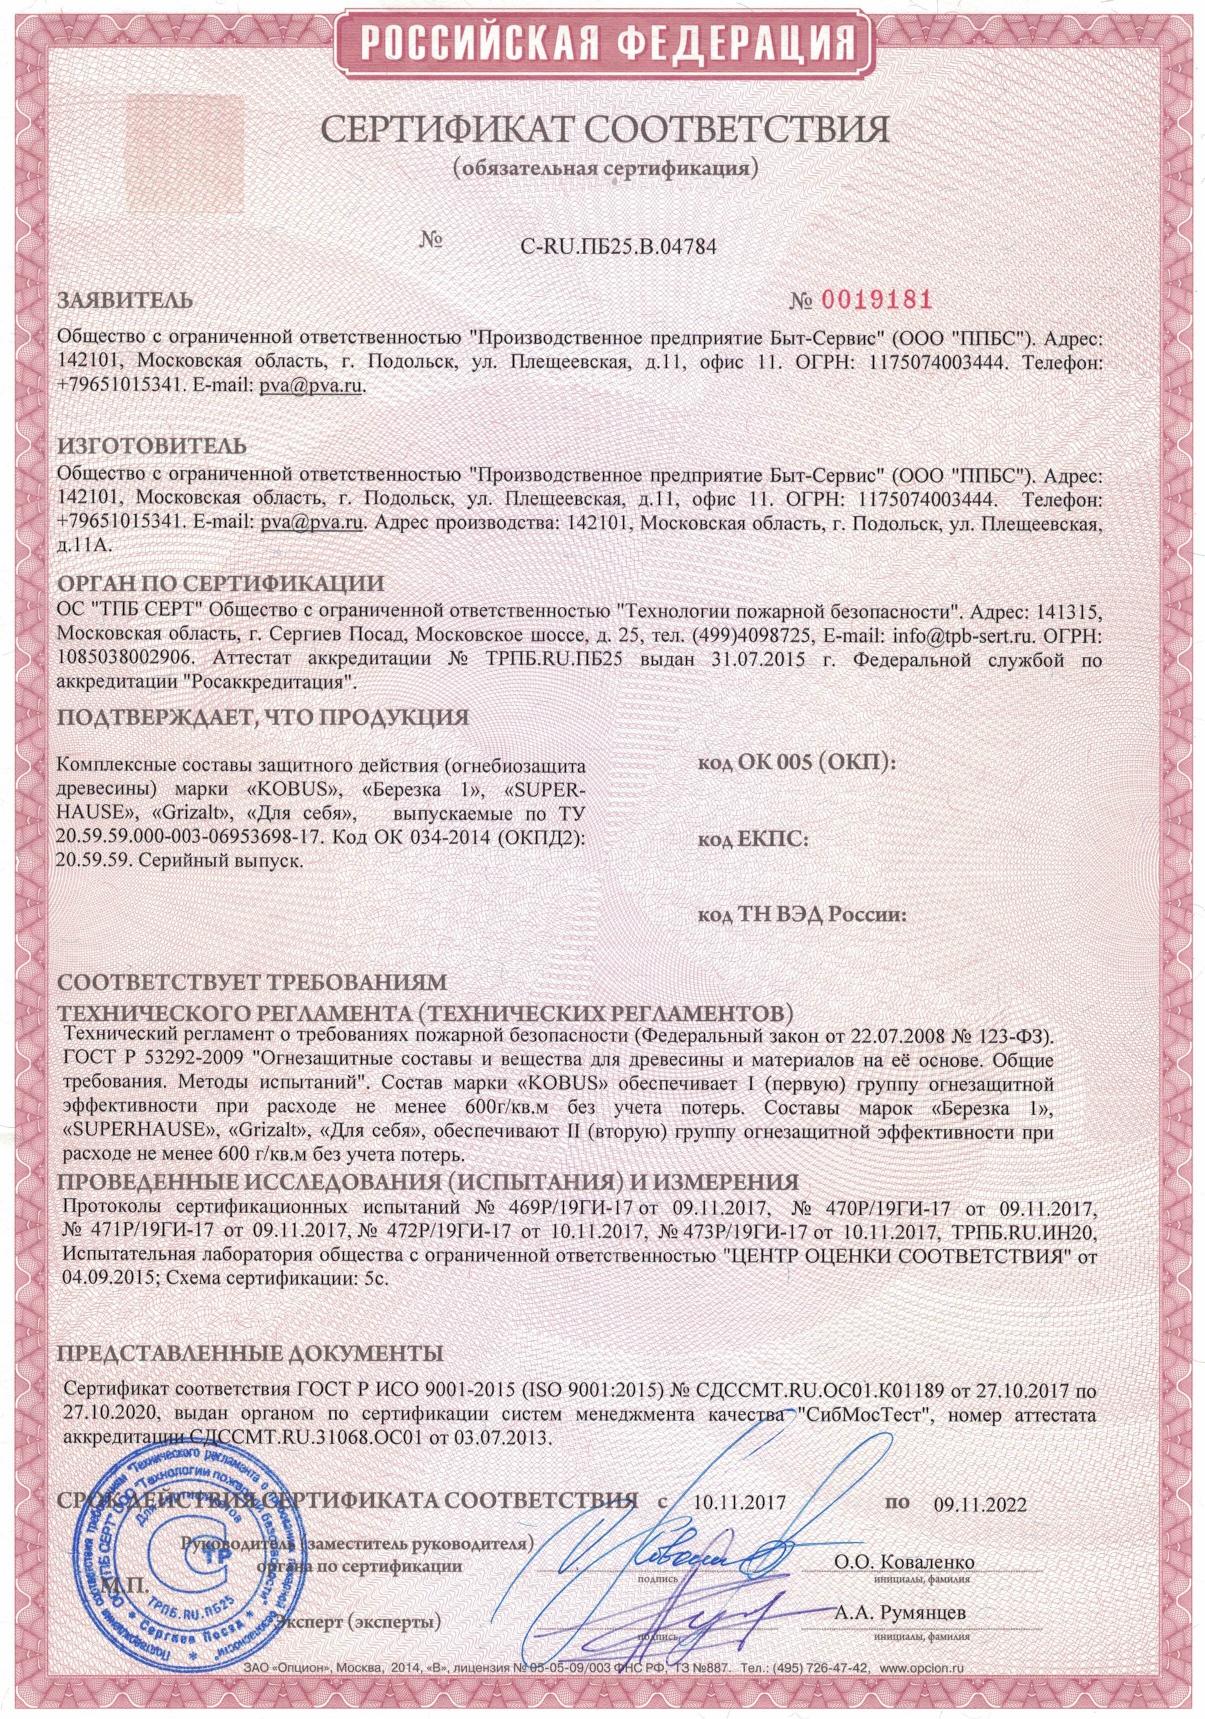 Сертификат, ссылка на скачивание